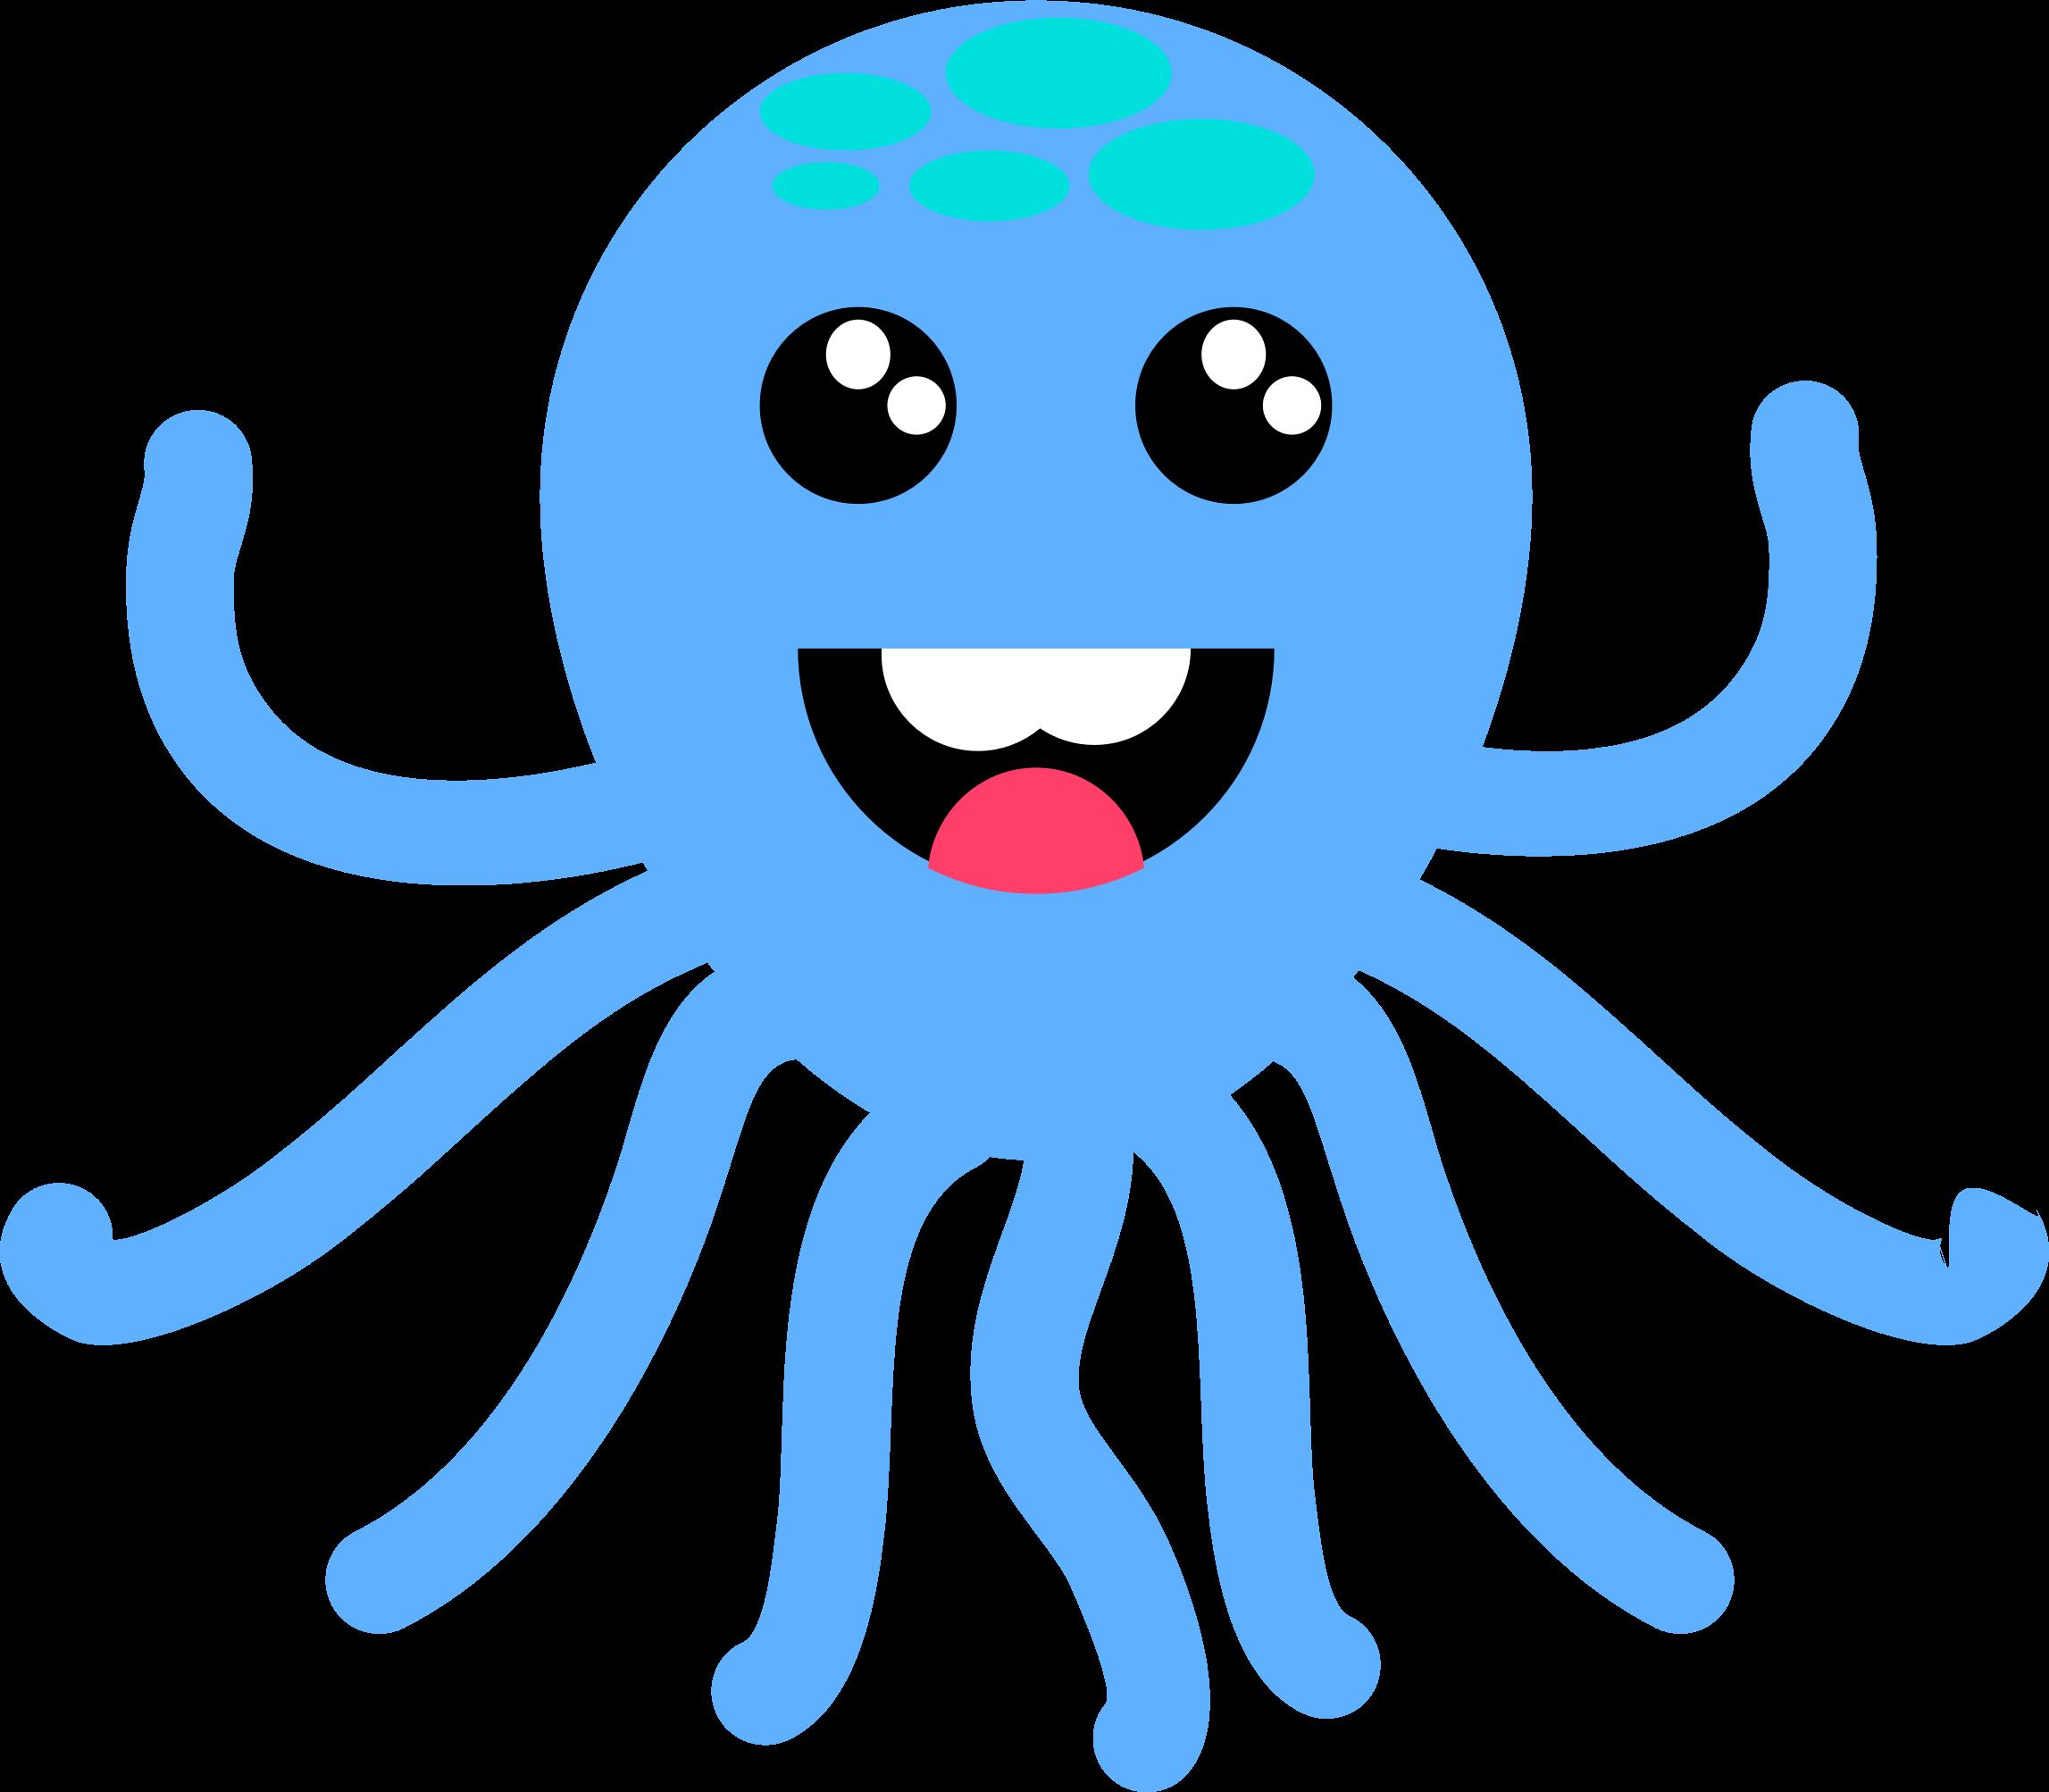 Big image png. Clipart octopus pdf